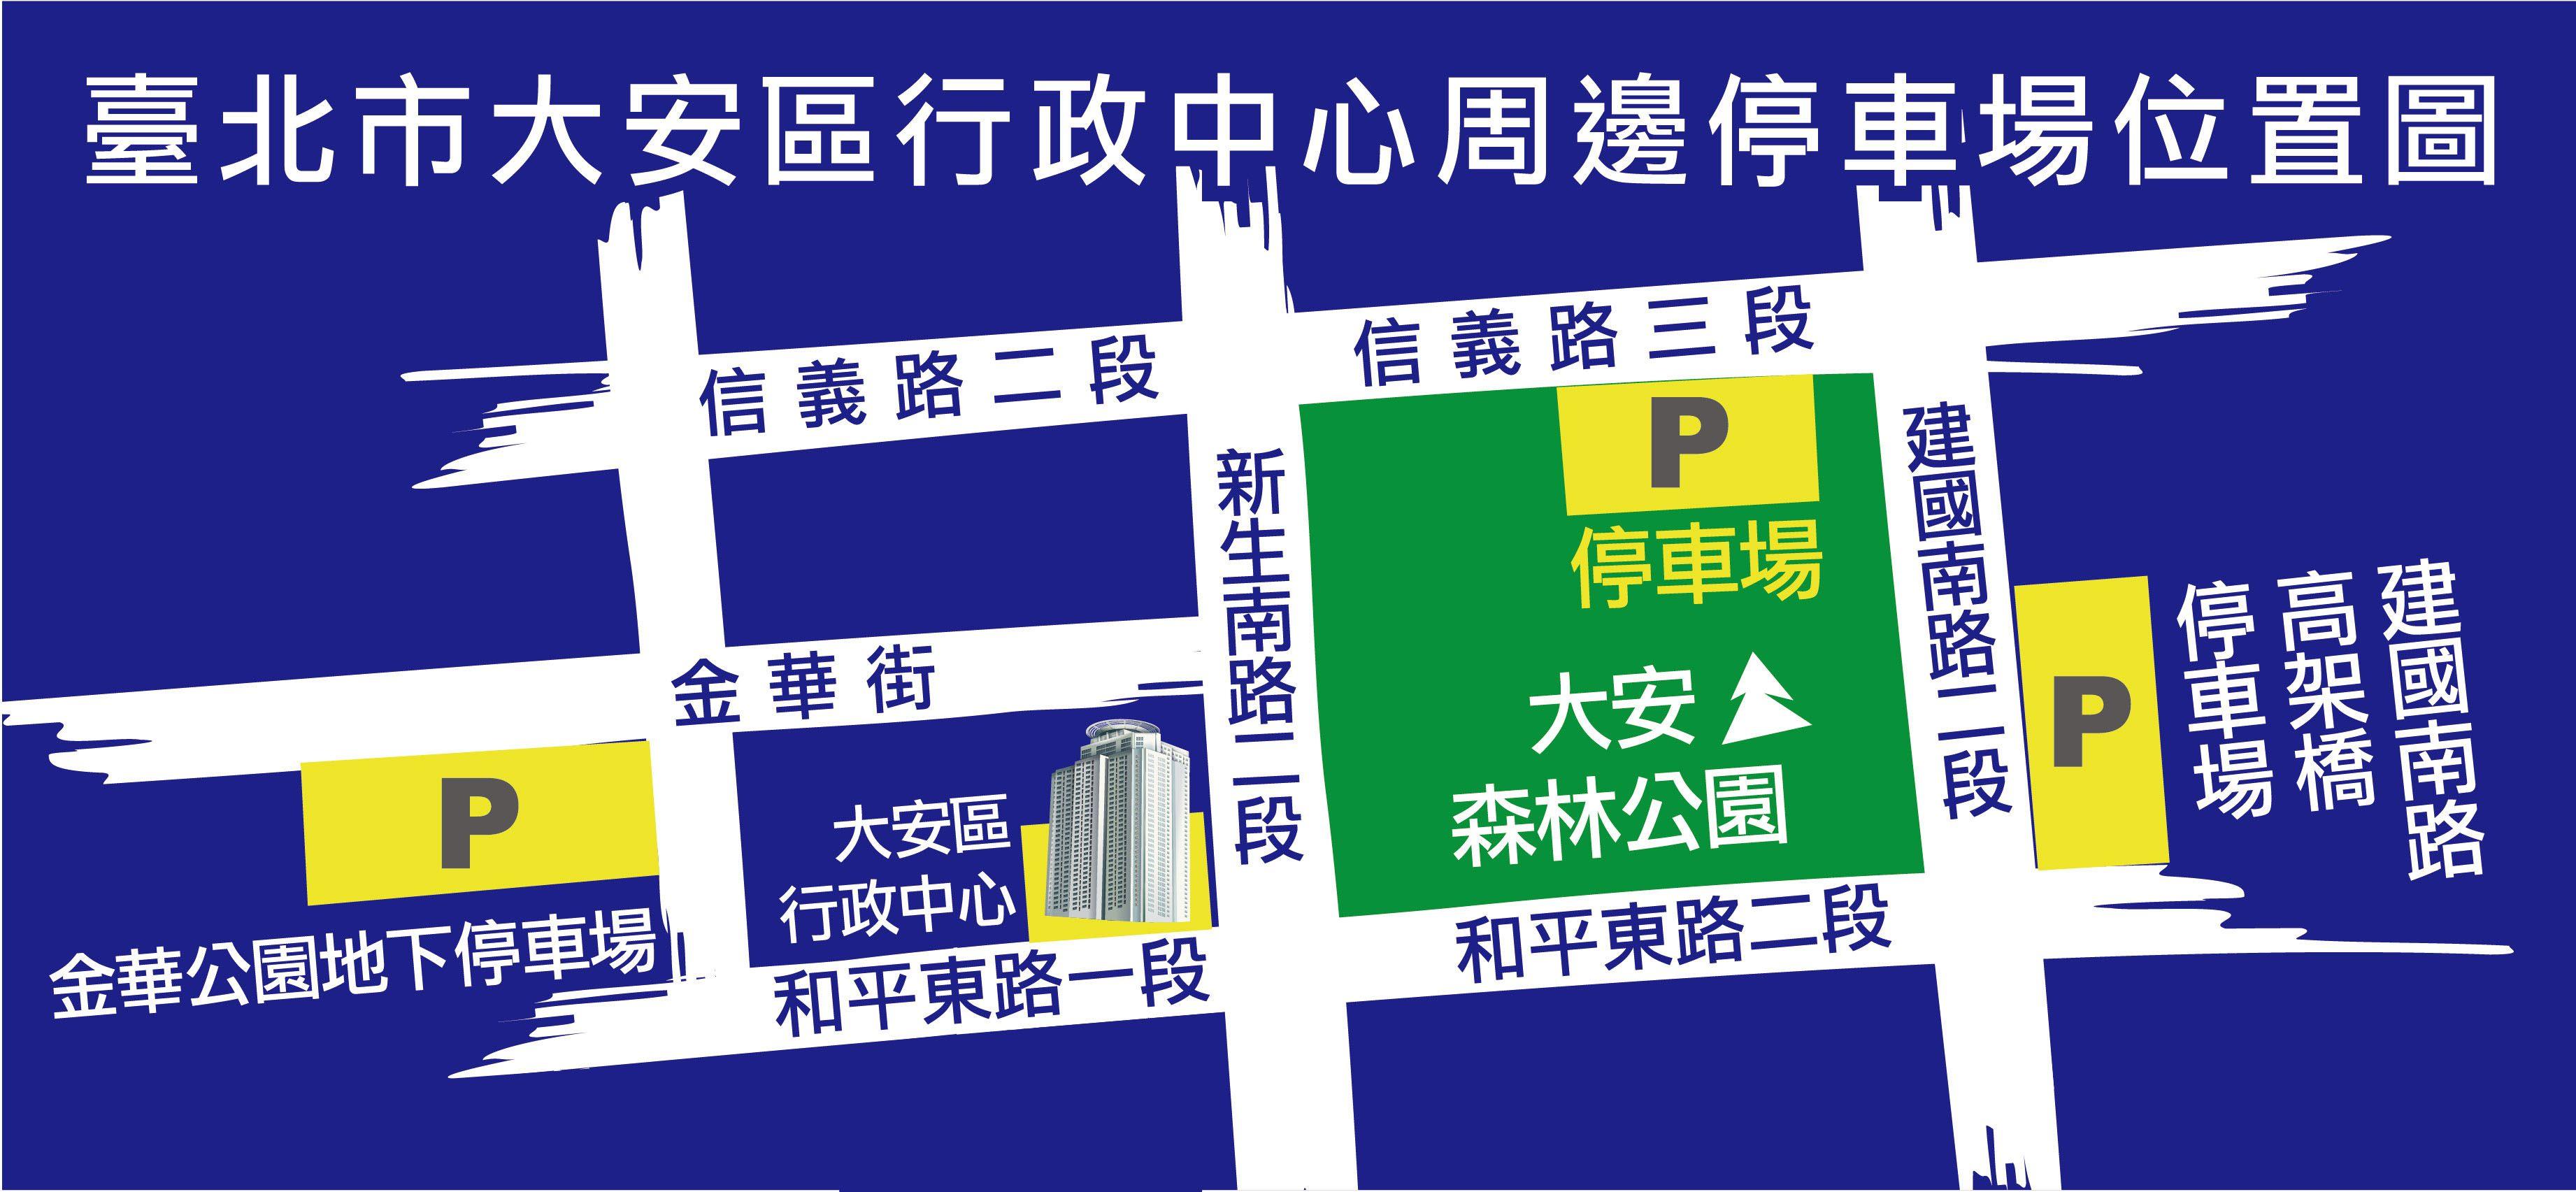 臺北市大安區行政中心周邊停車場位置圖